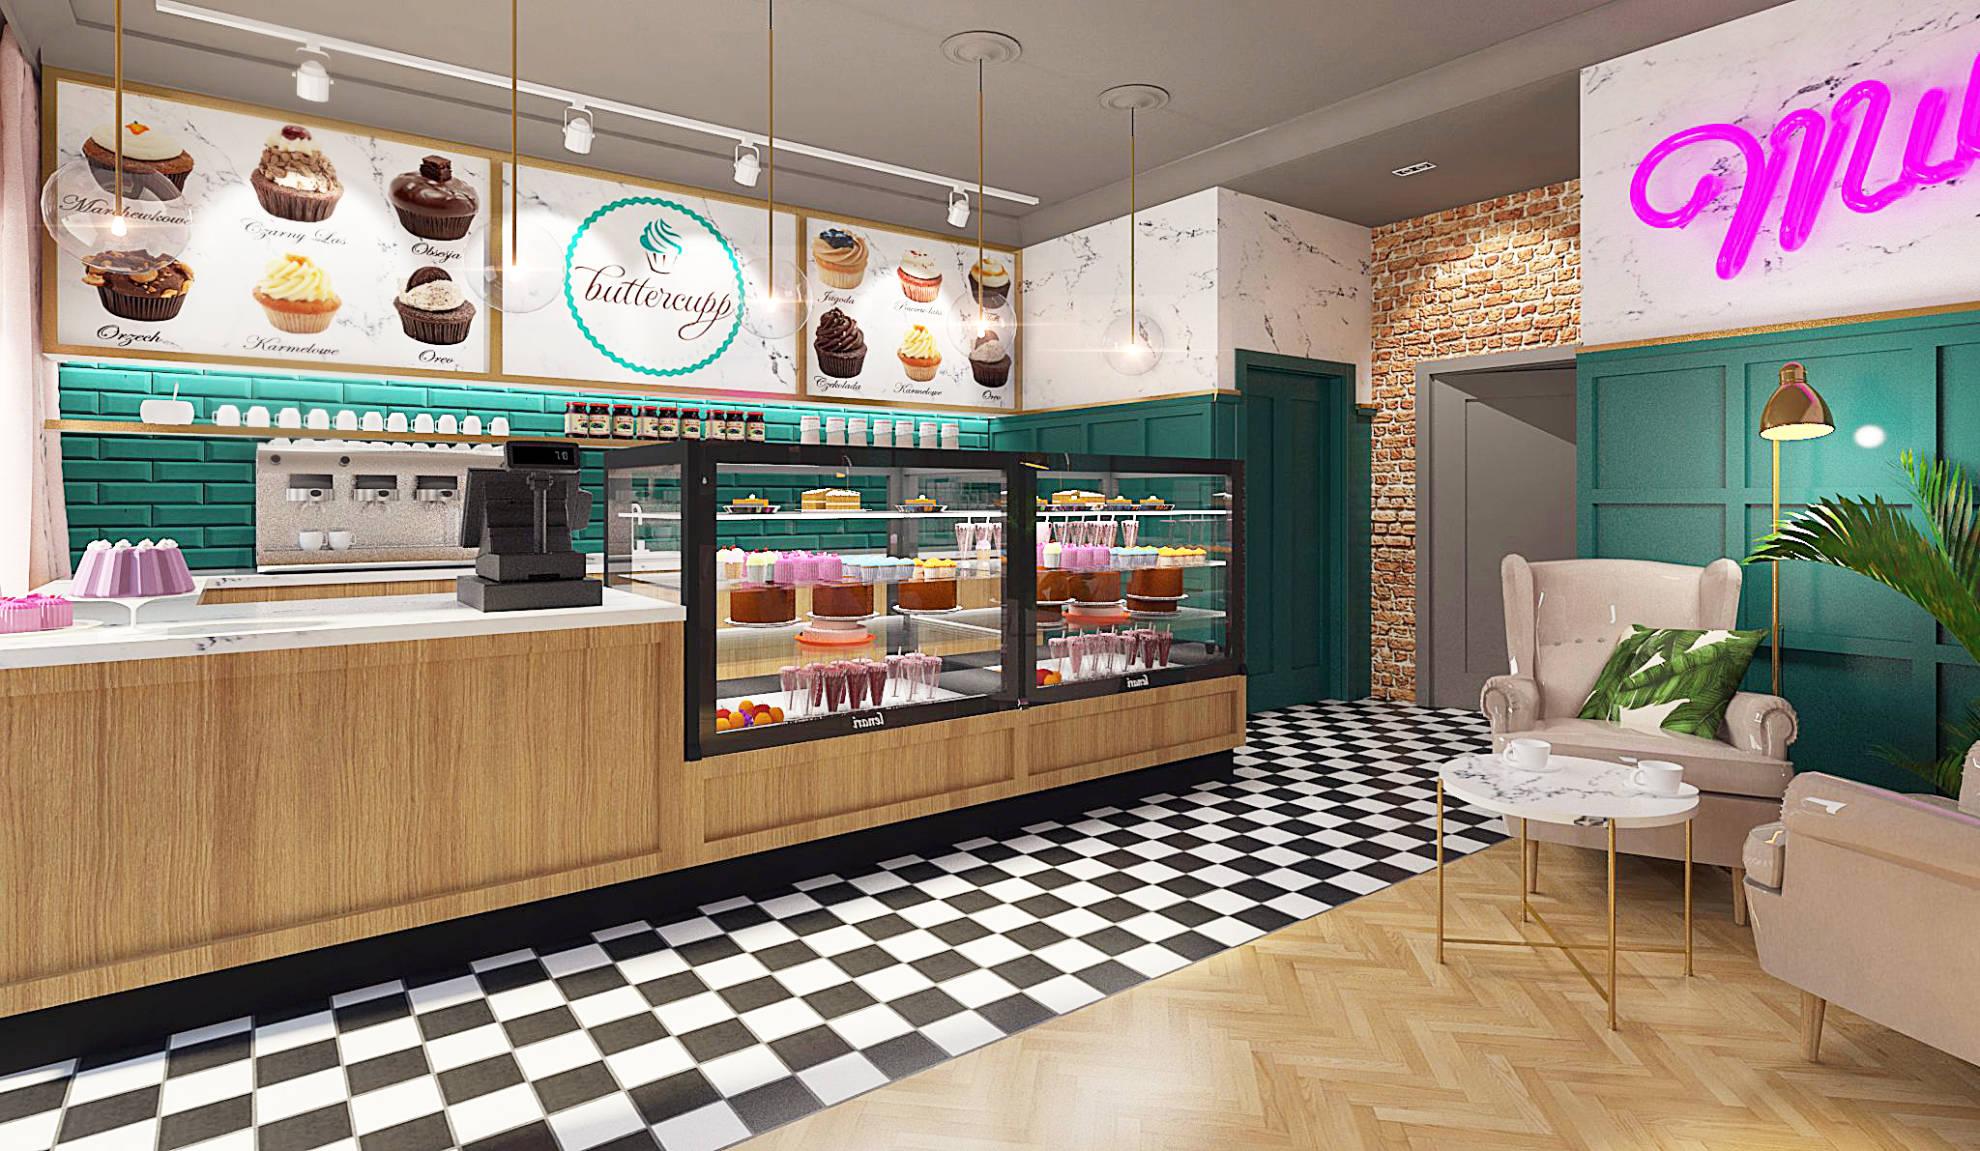 Aranżacja kawiarni - projekt architekt wnętrz Emilia Strzempek Plasun.